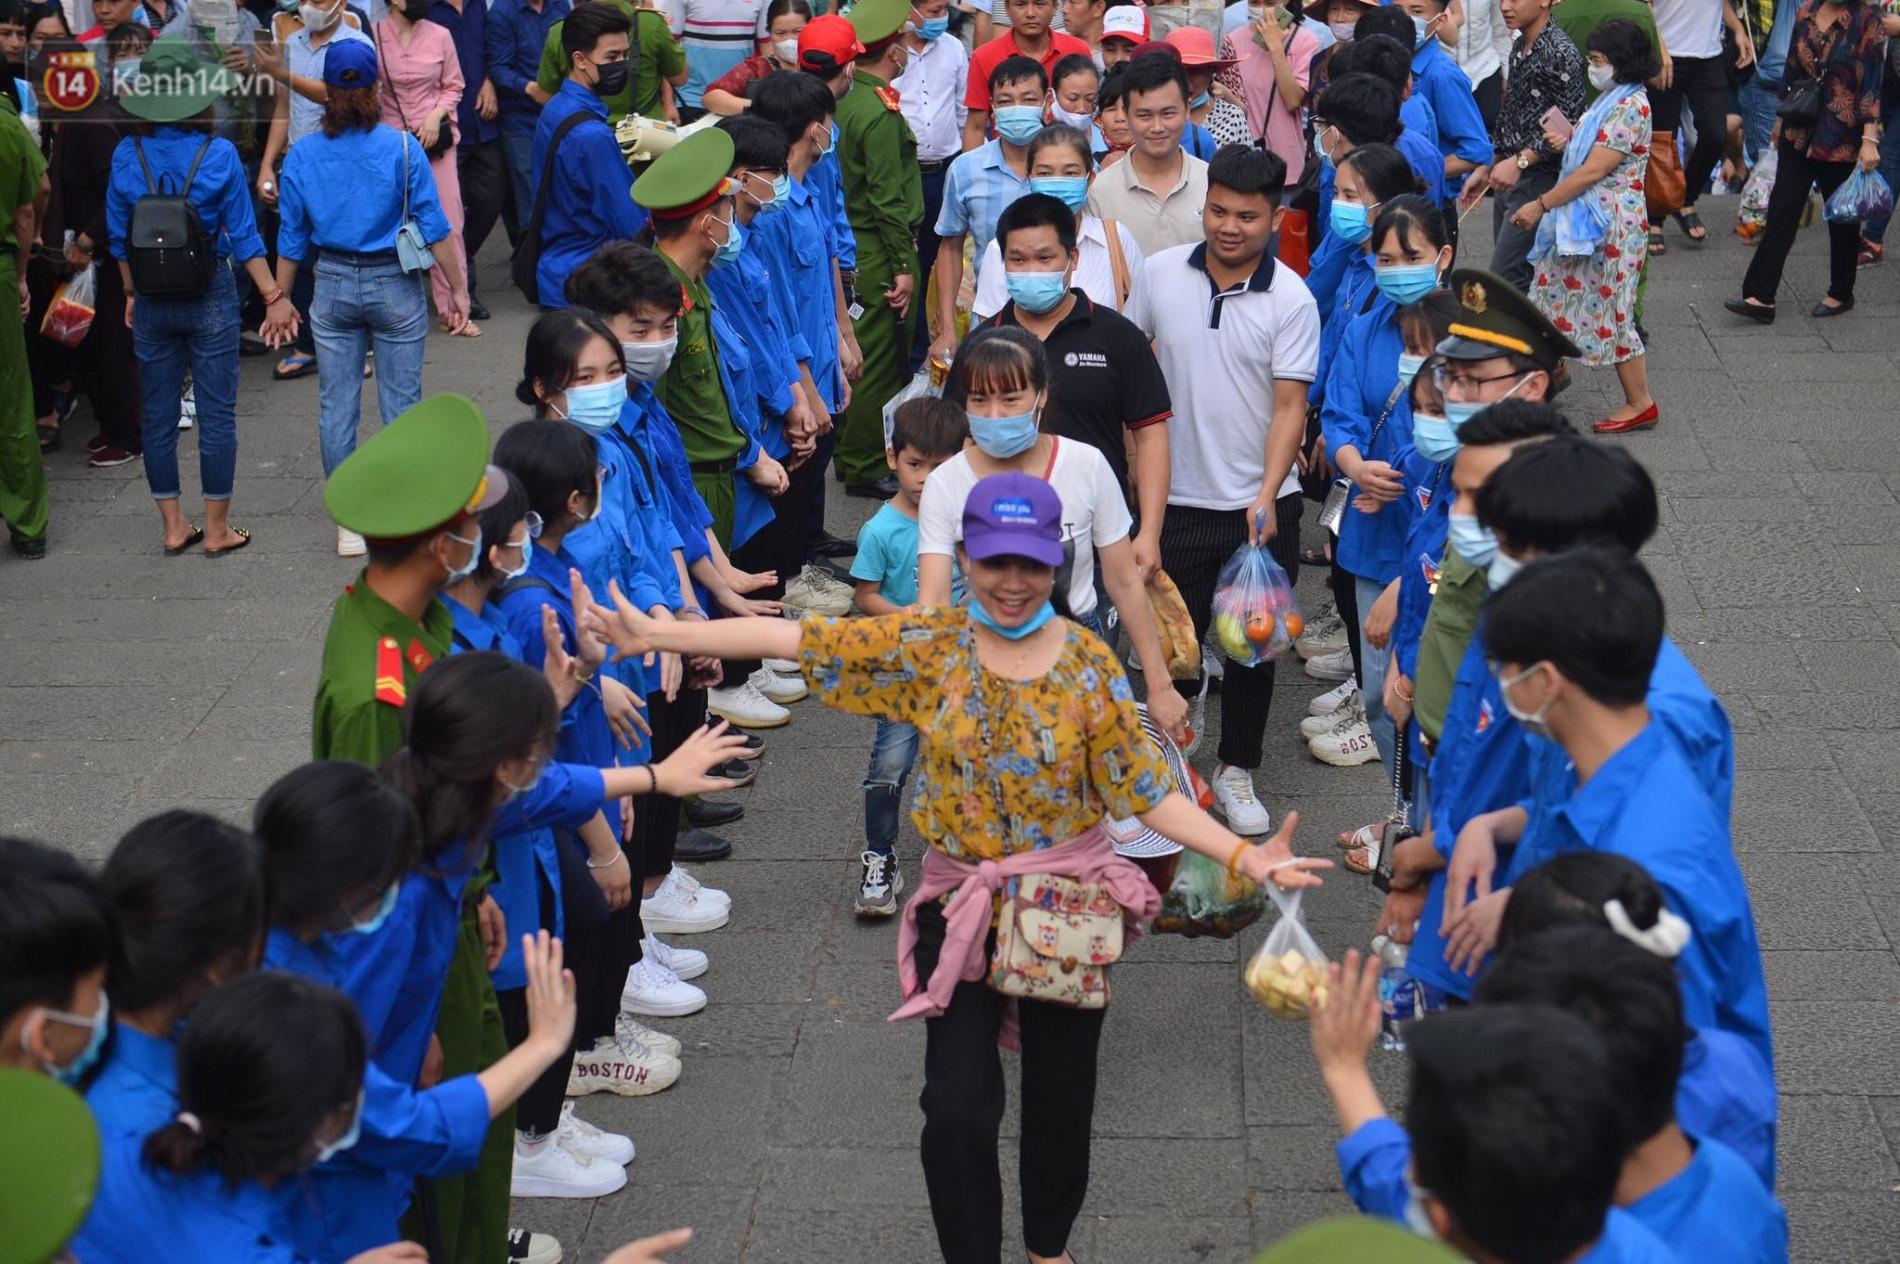 Ảnh: Chen lấn kinh hoàng tại lễ hội đền Hùng - Ảnh 3.